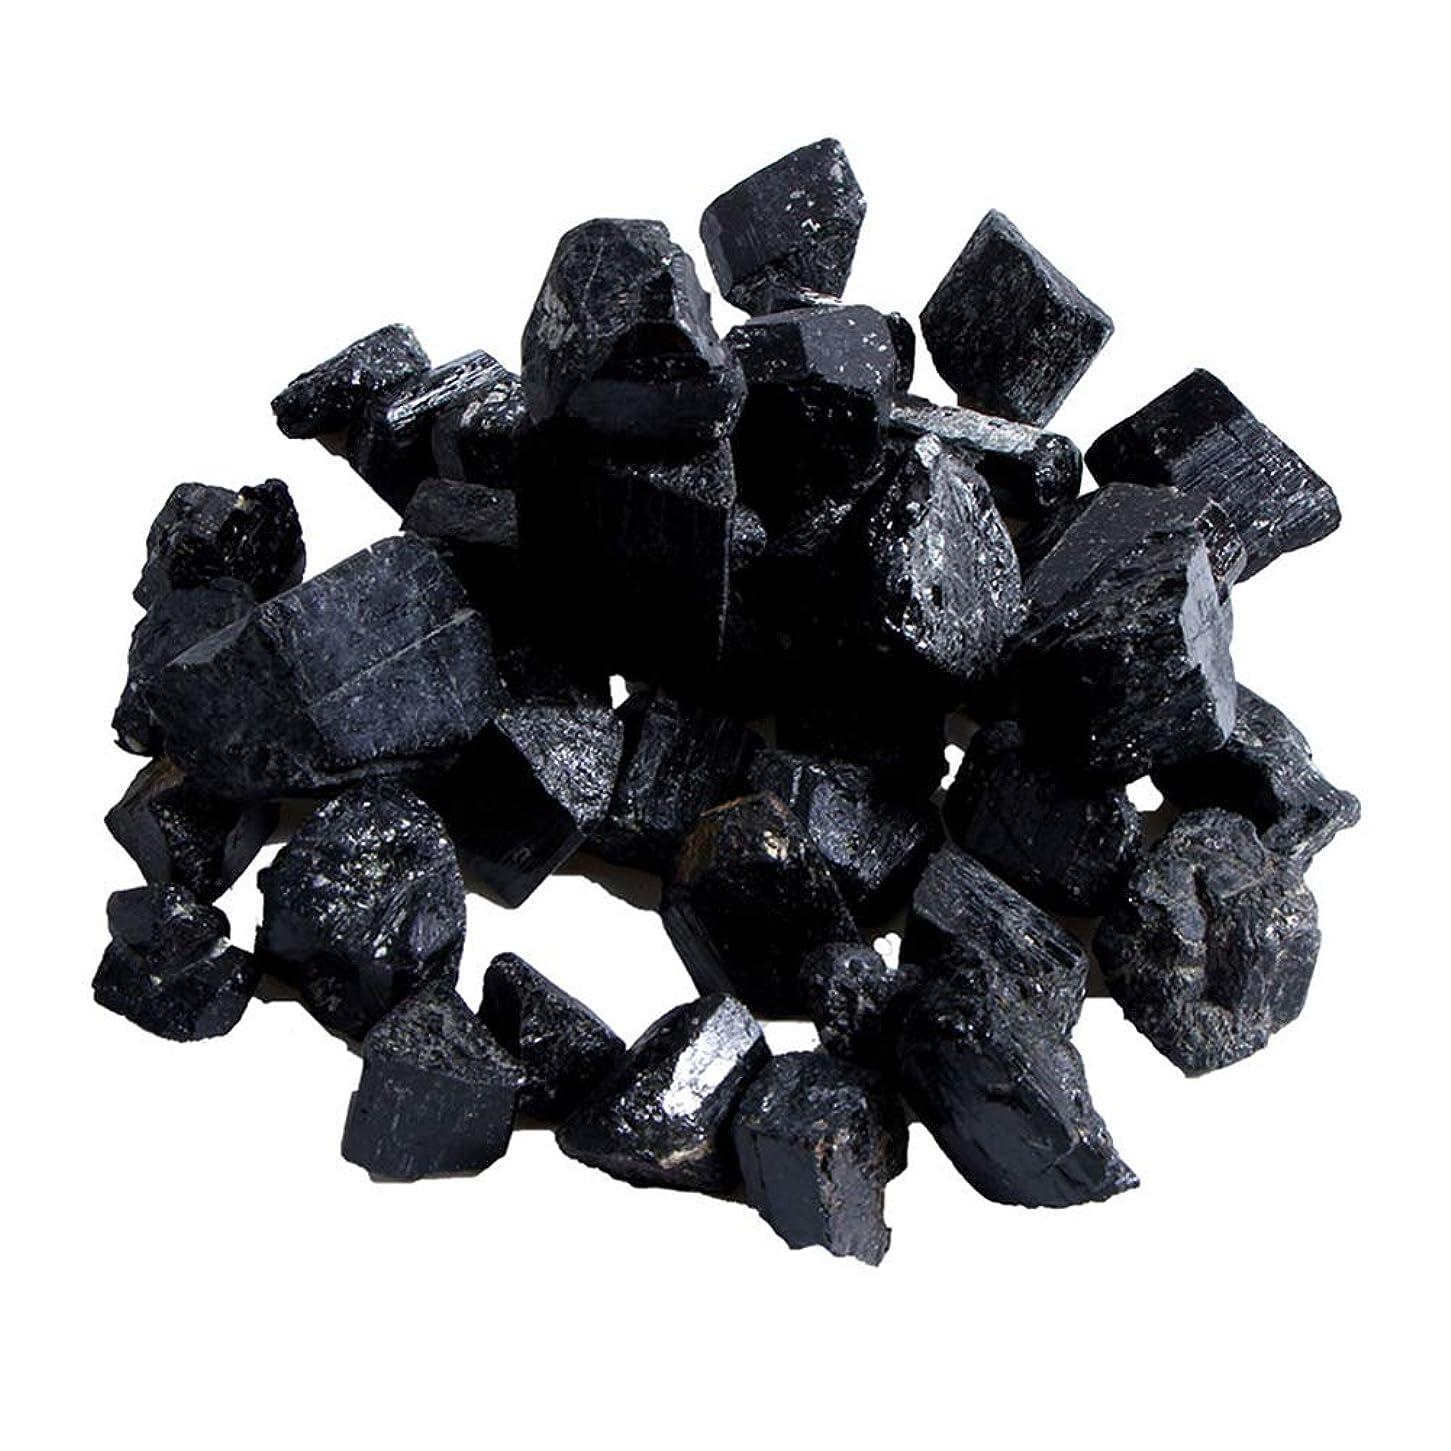 忍耐ゆりかご割り当てTenflyer 蒸し部屋用の天然黒トルマリンクリスタルラフストーンロック鉱物標本新しい